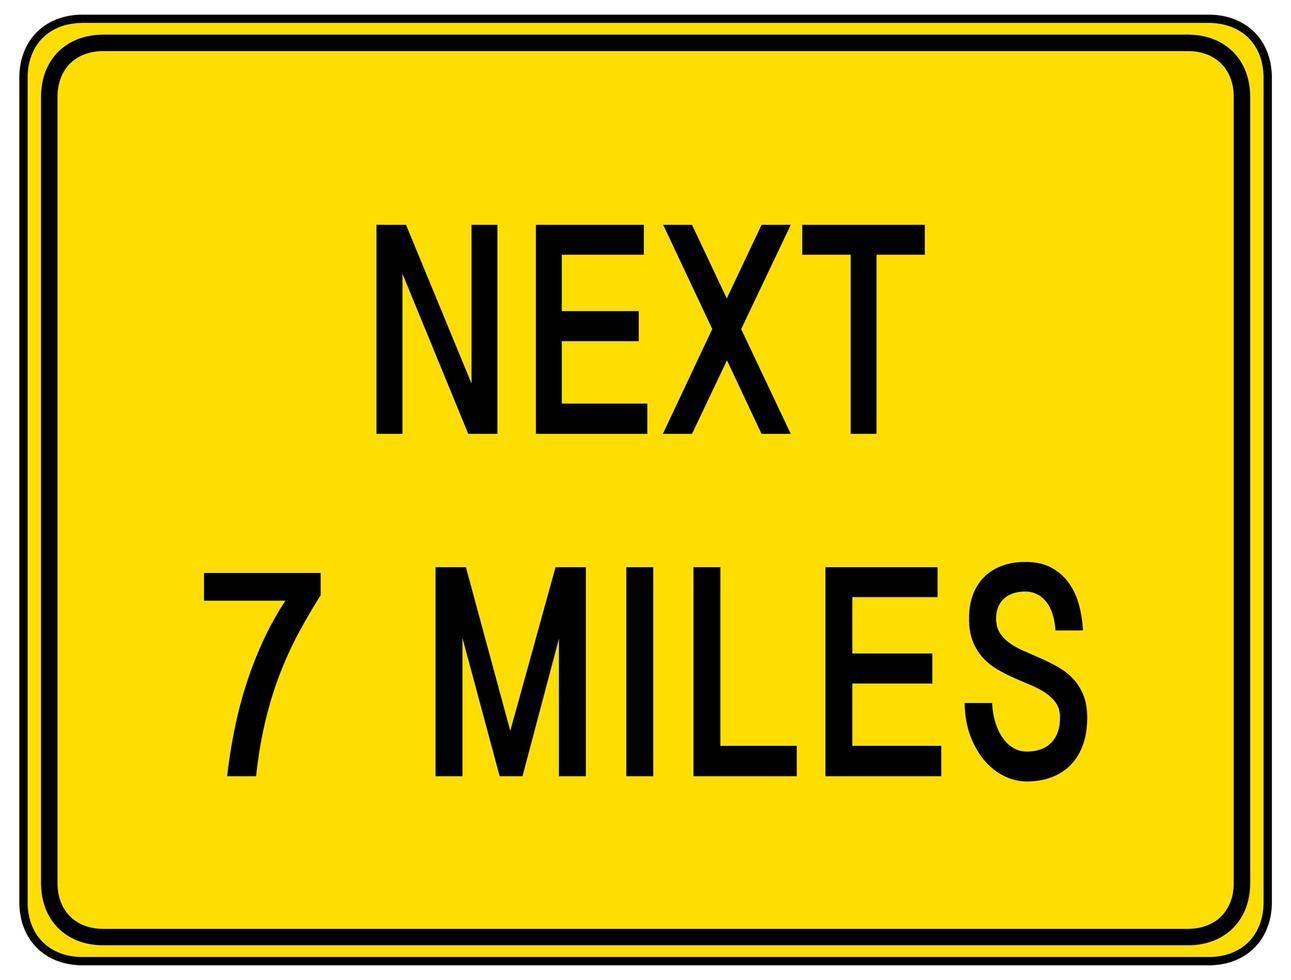 prossimo 7 miglia segno isolato su sfondo bianco vettore